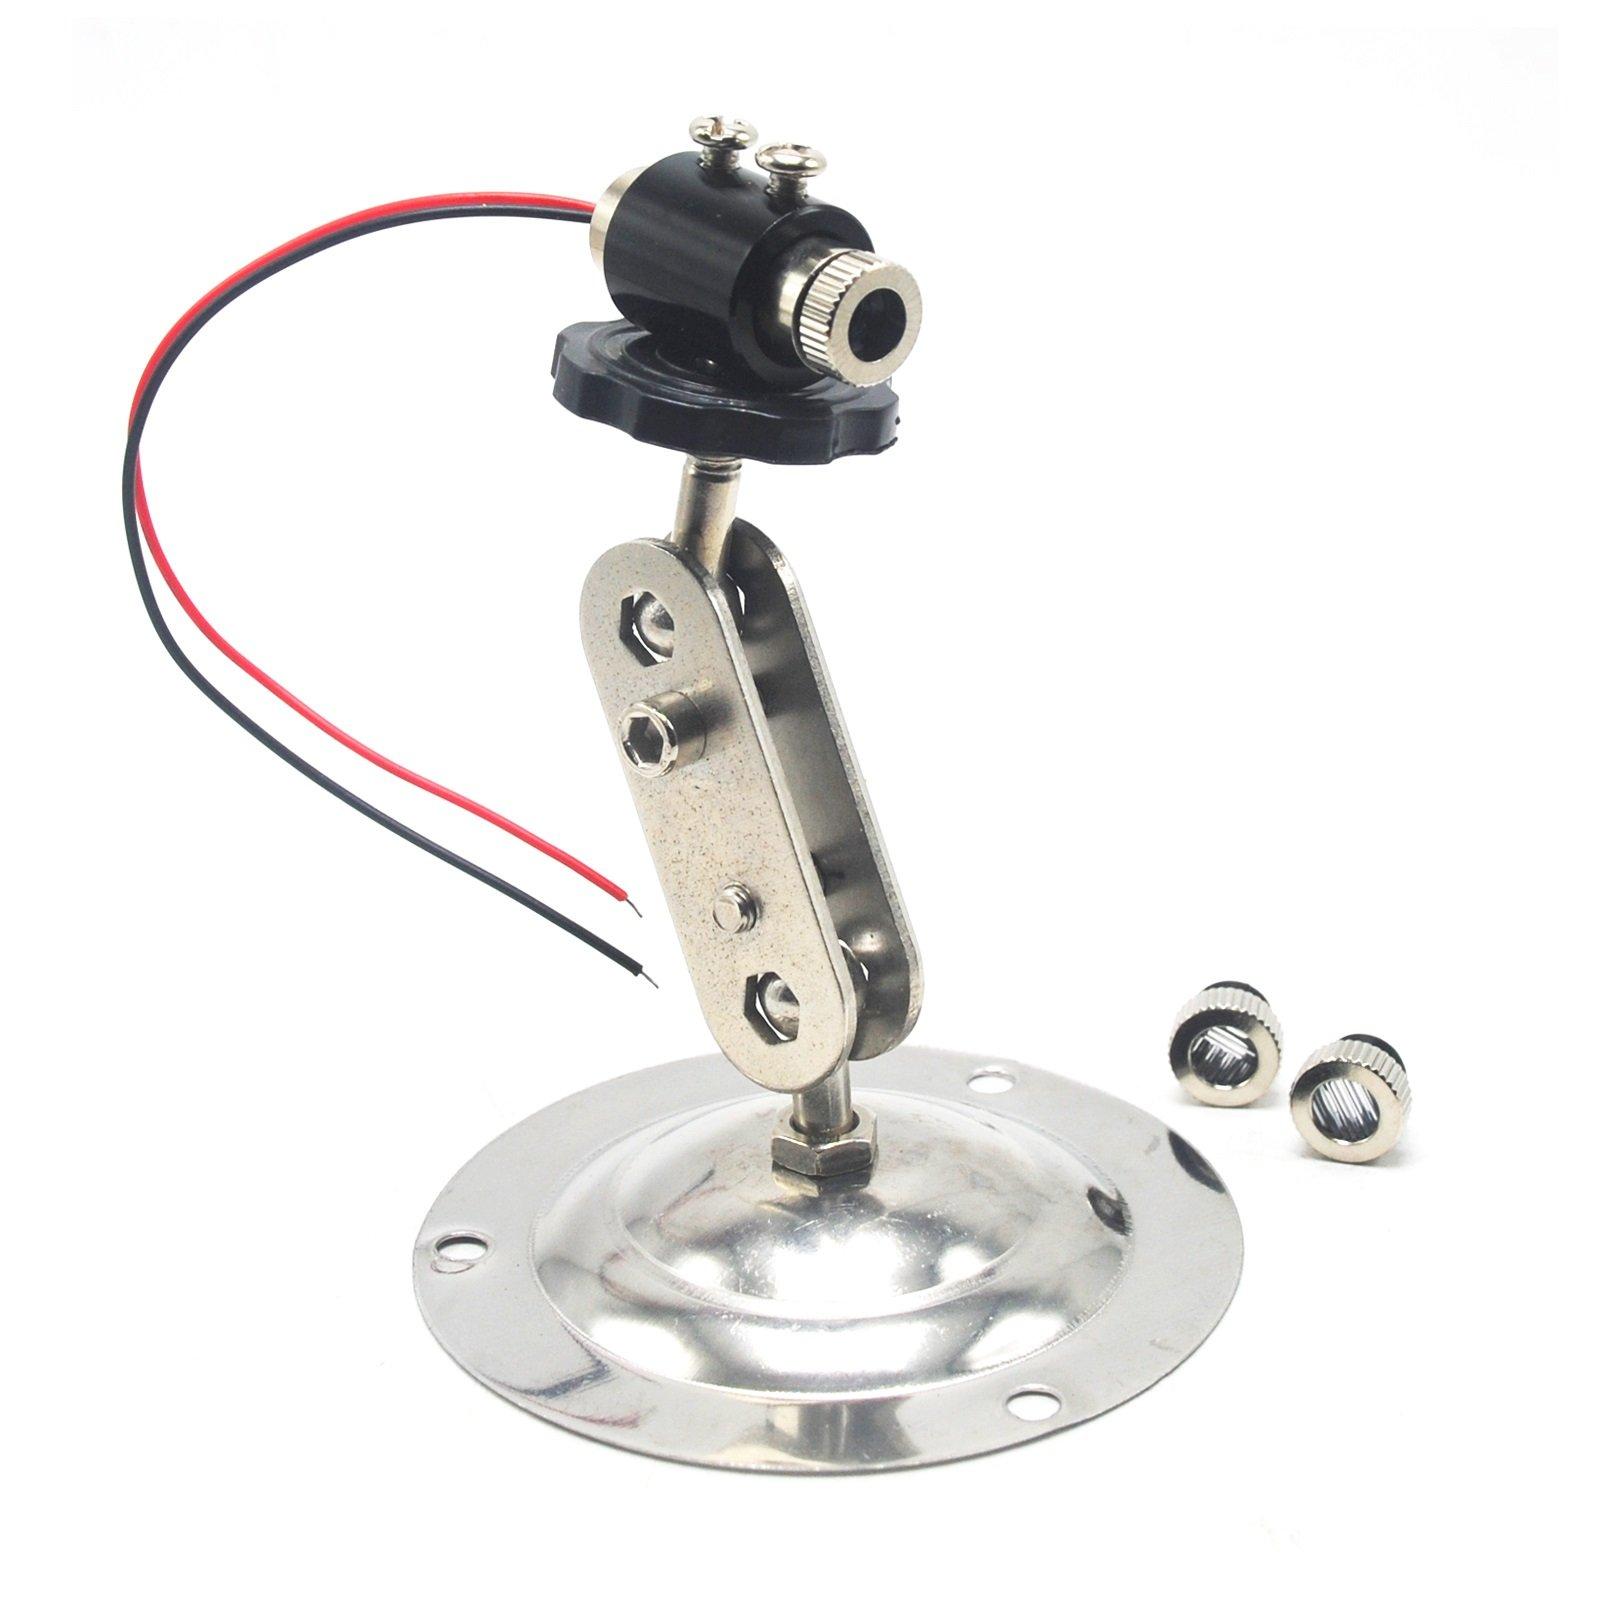 3in1 Dot Line Cross 405nm 5mW Violet-Blue Focusable Laser Diode Module + 12mm Adjusted Holder Heatsink